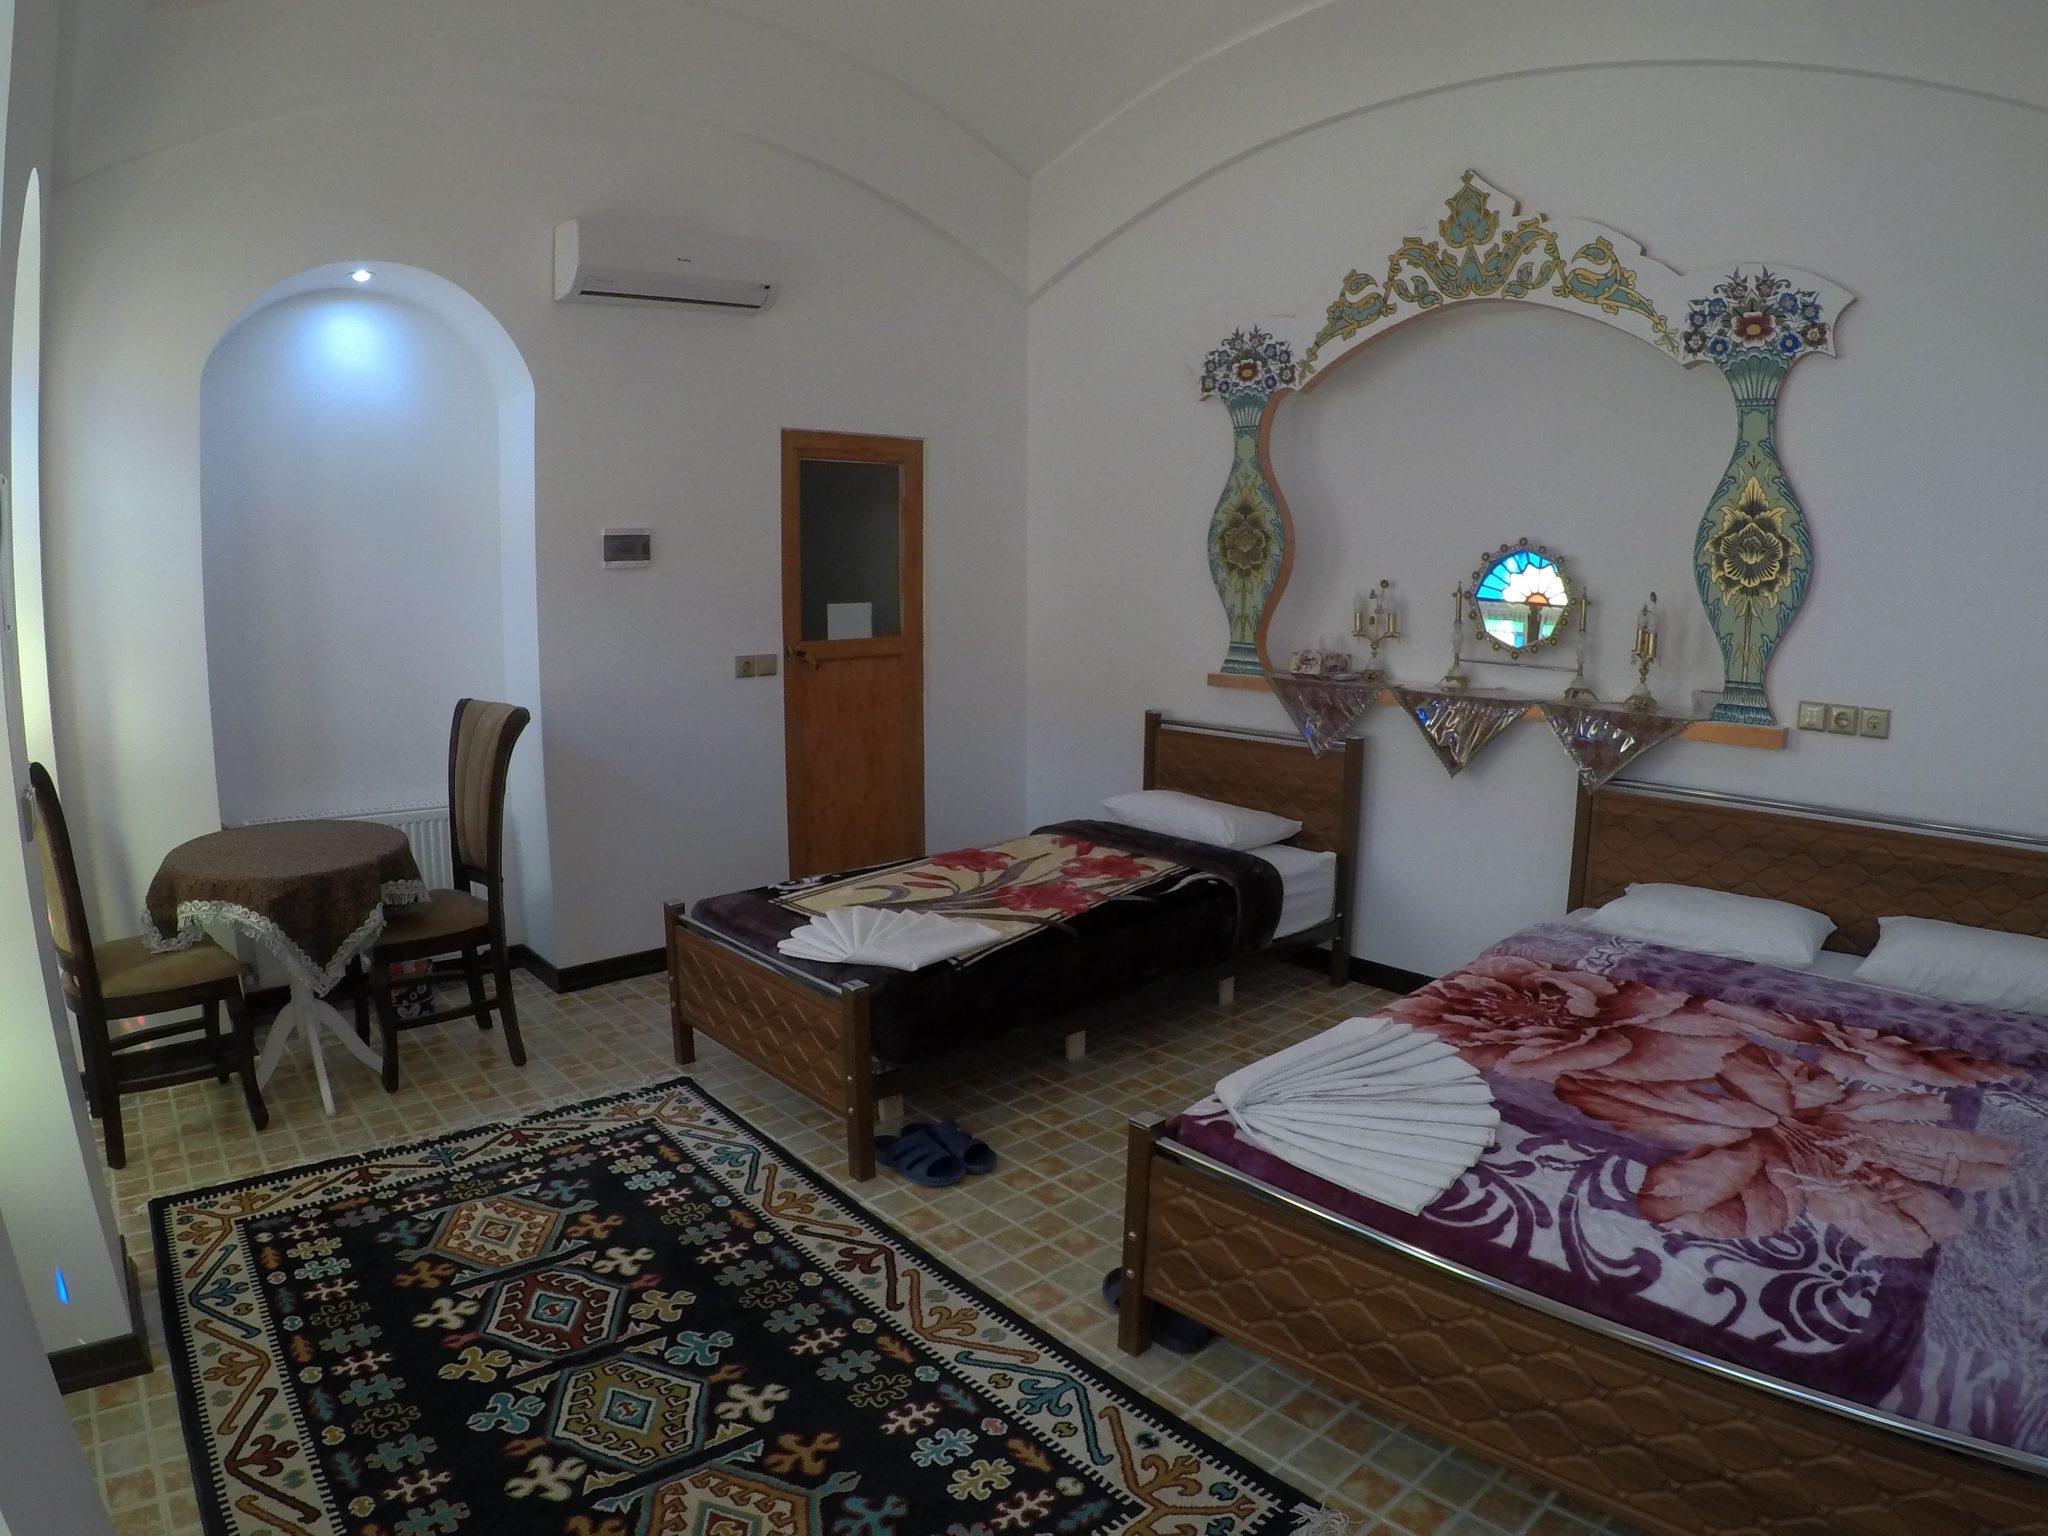 Amirza Hotel shahneshin